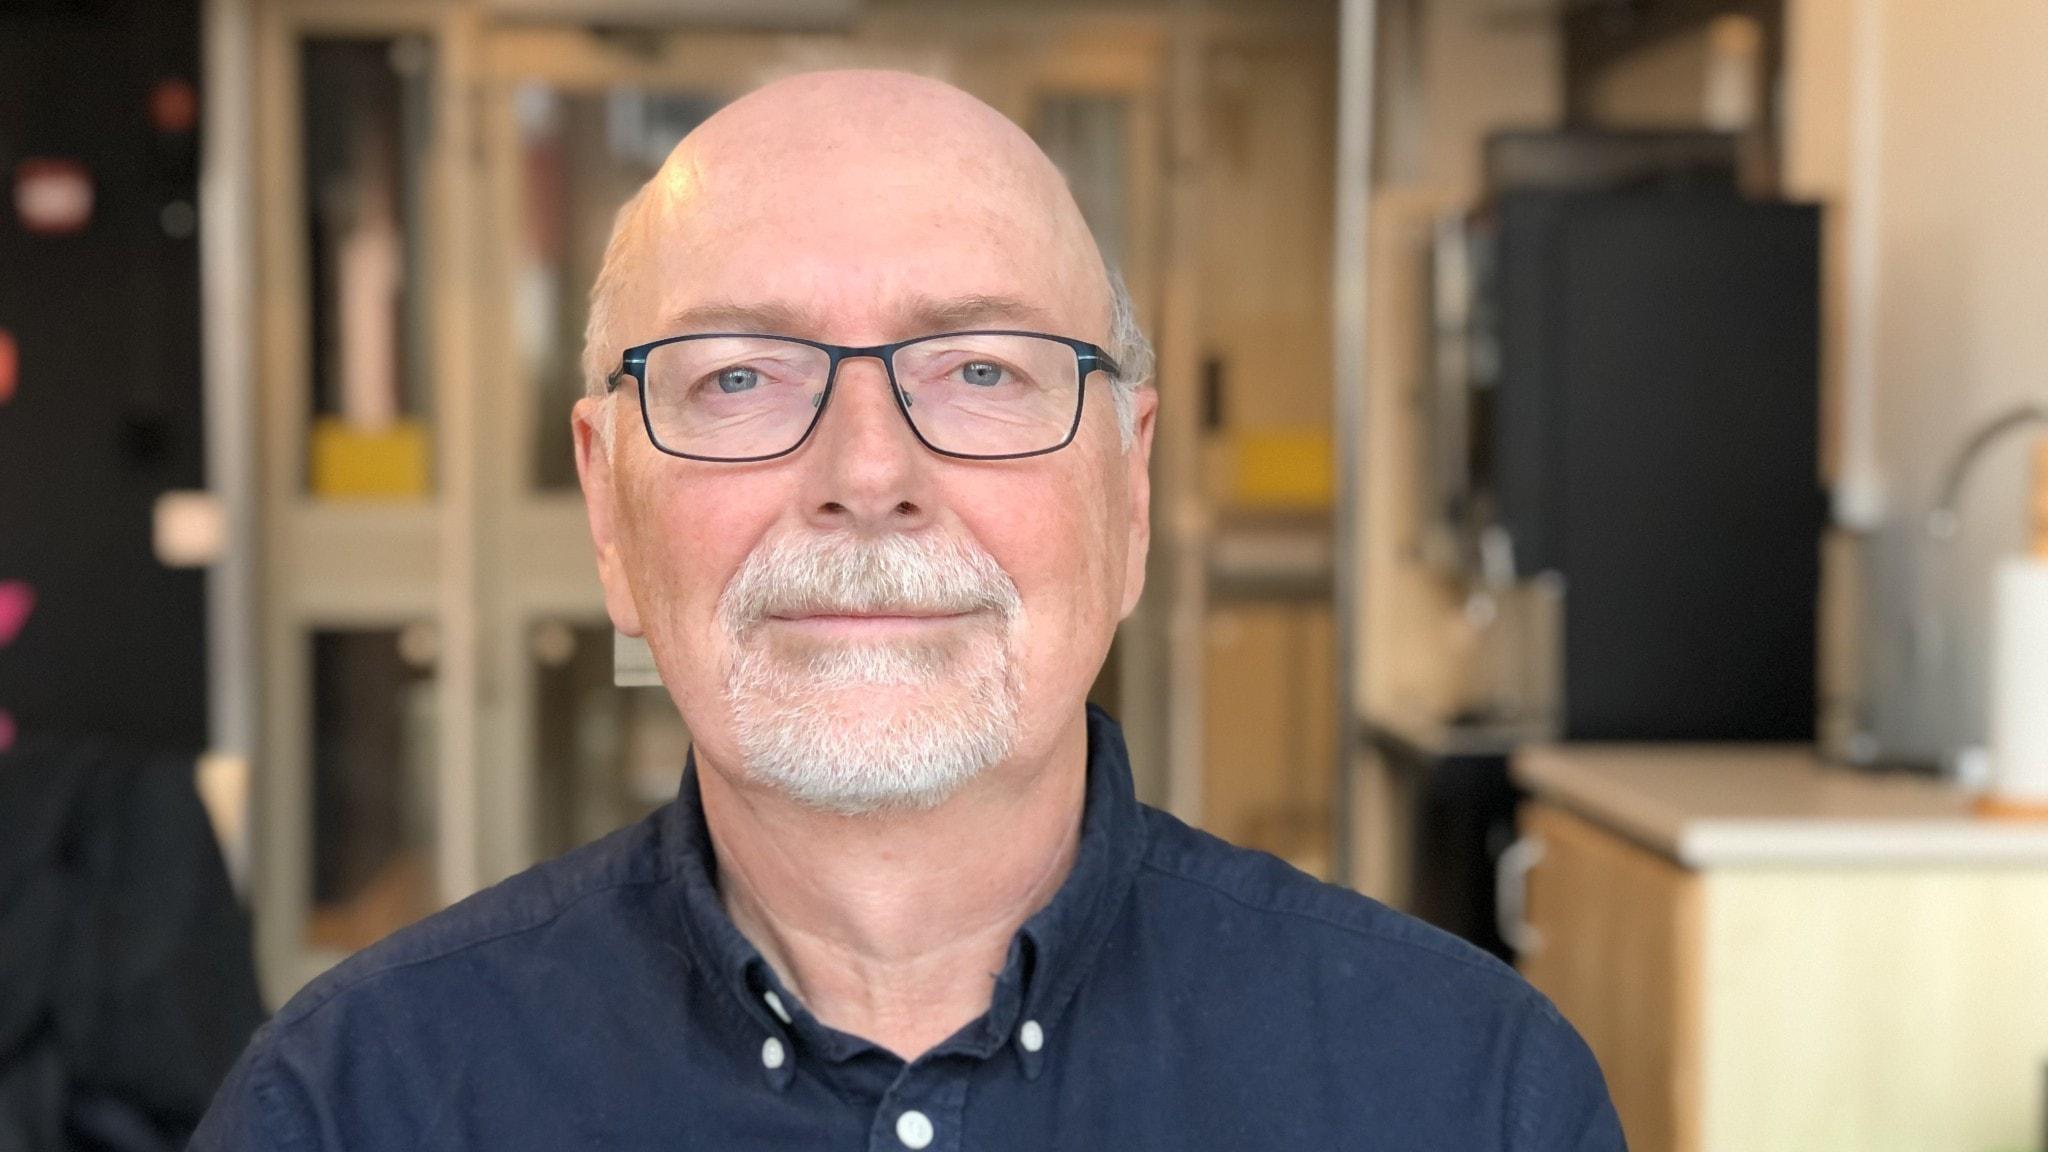 Sven Teglund tittar in i kameran. Han har glasögon och blå skjorta.